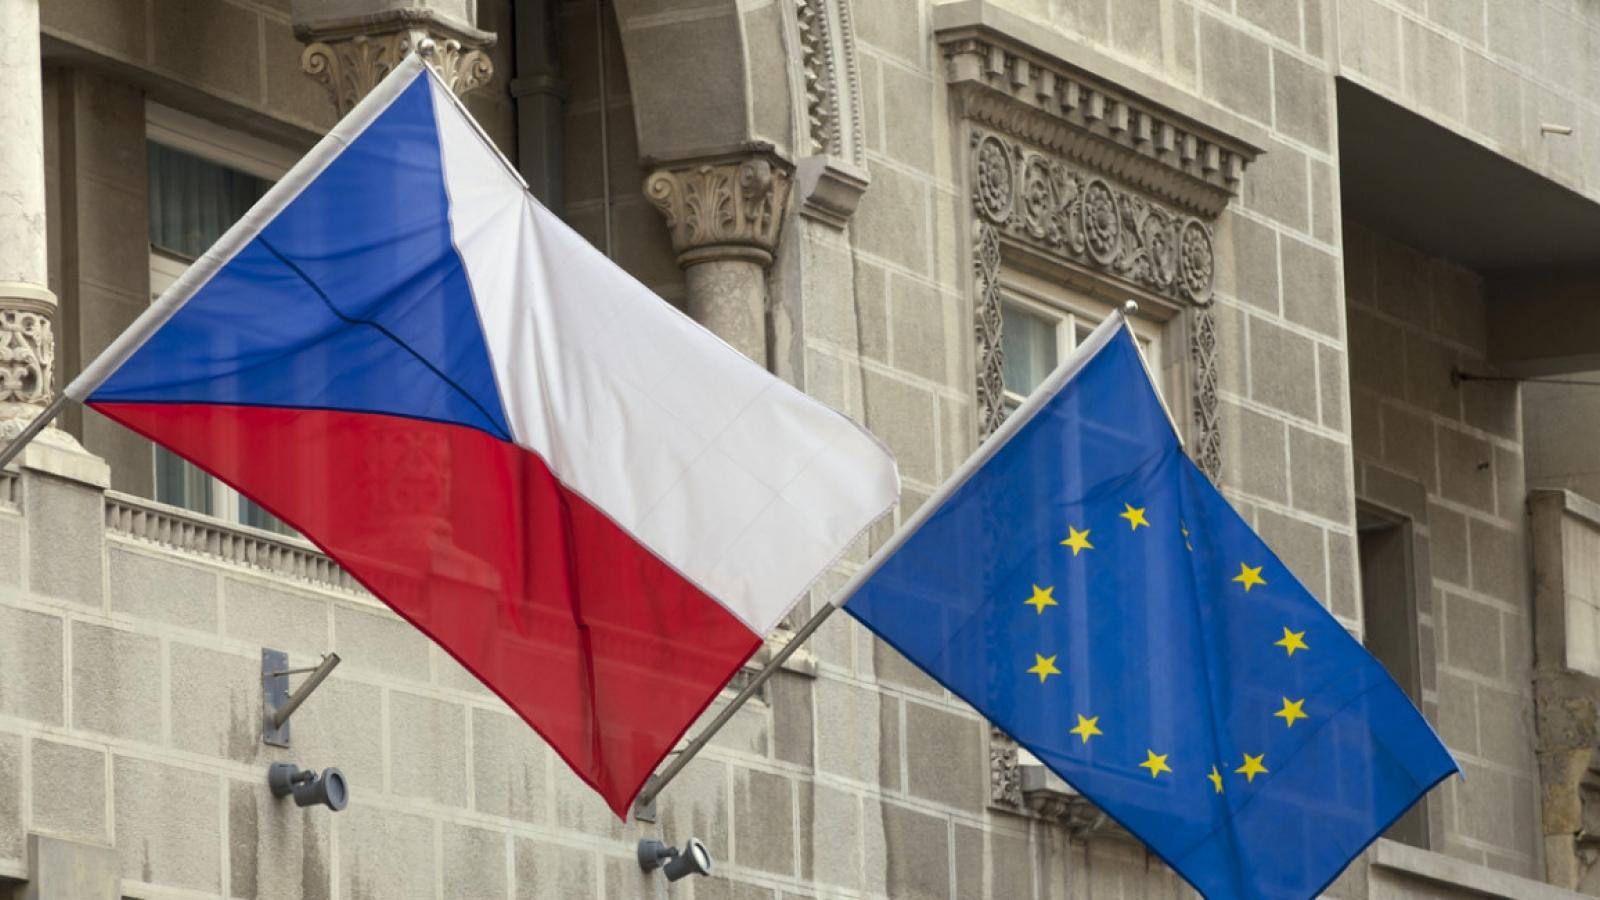 """EU chỉ trích quyết định của Nga đưa Séc và Mỹ vào """"danh sách quốc gia không thân thiện"""""""